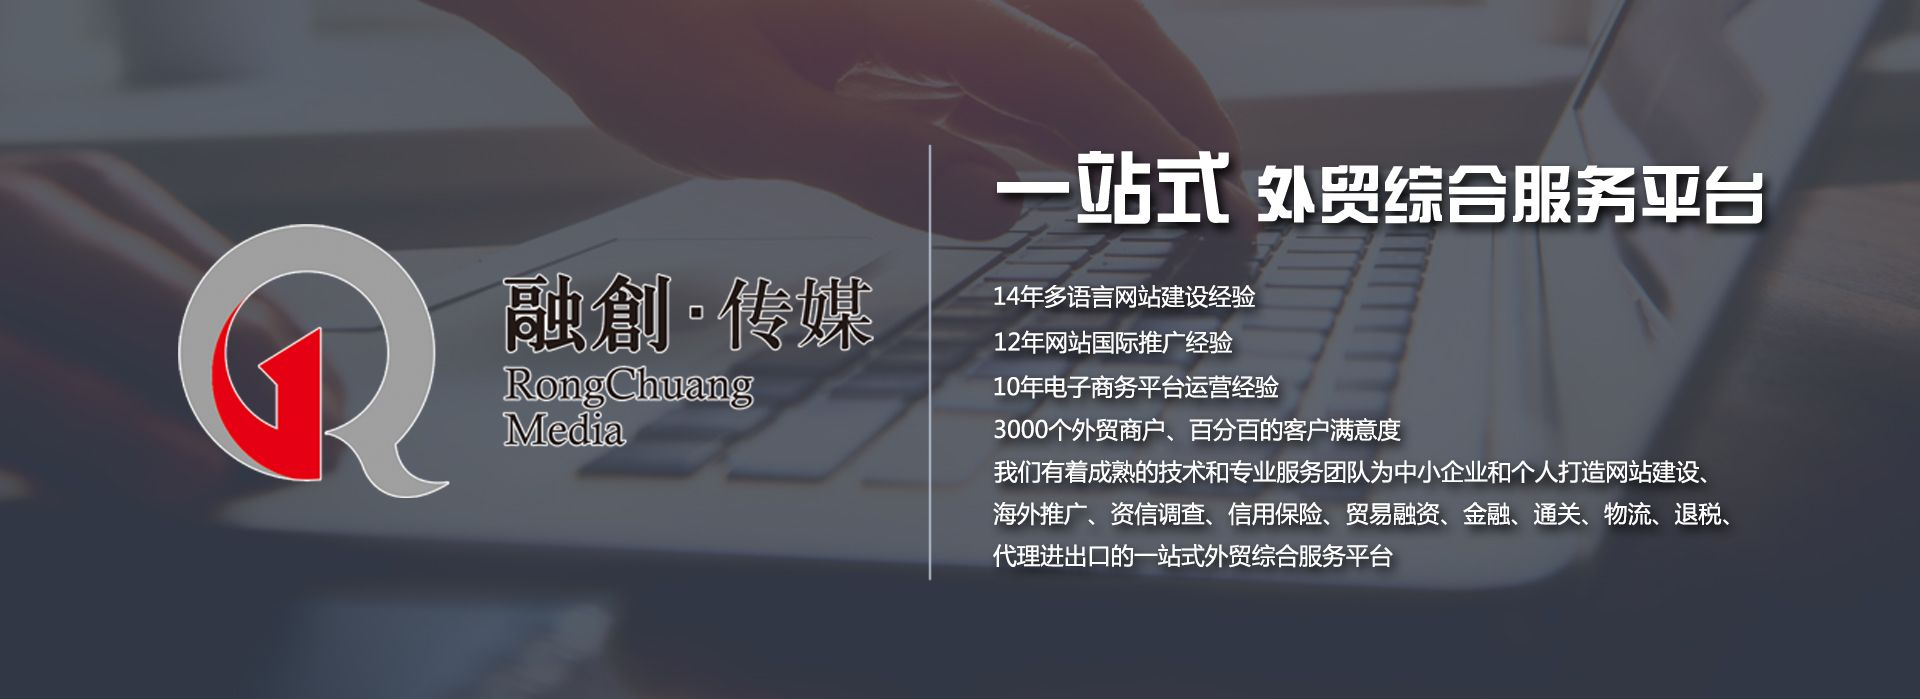 石家庄融创传媒公司简介